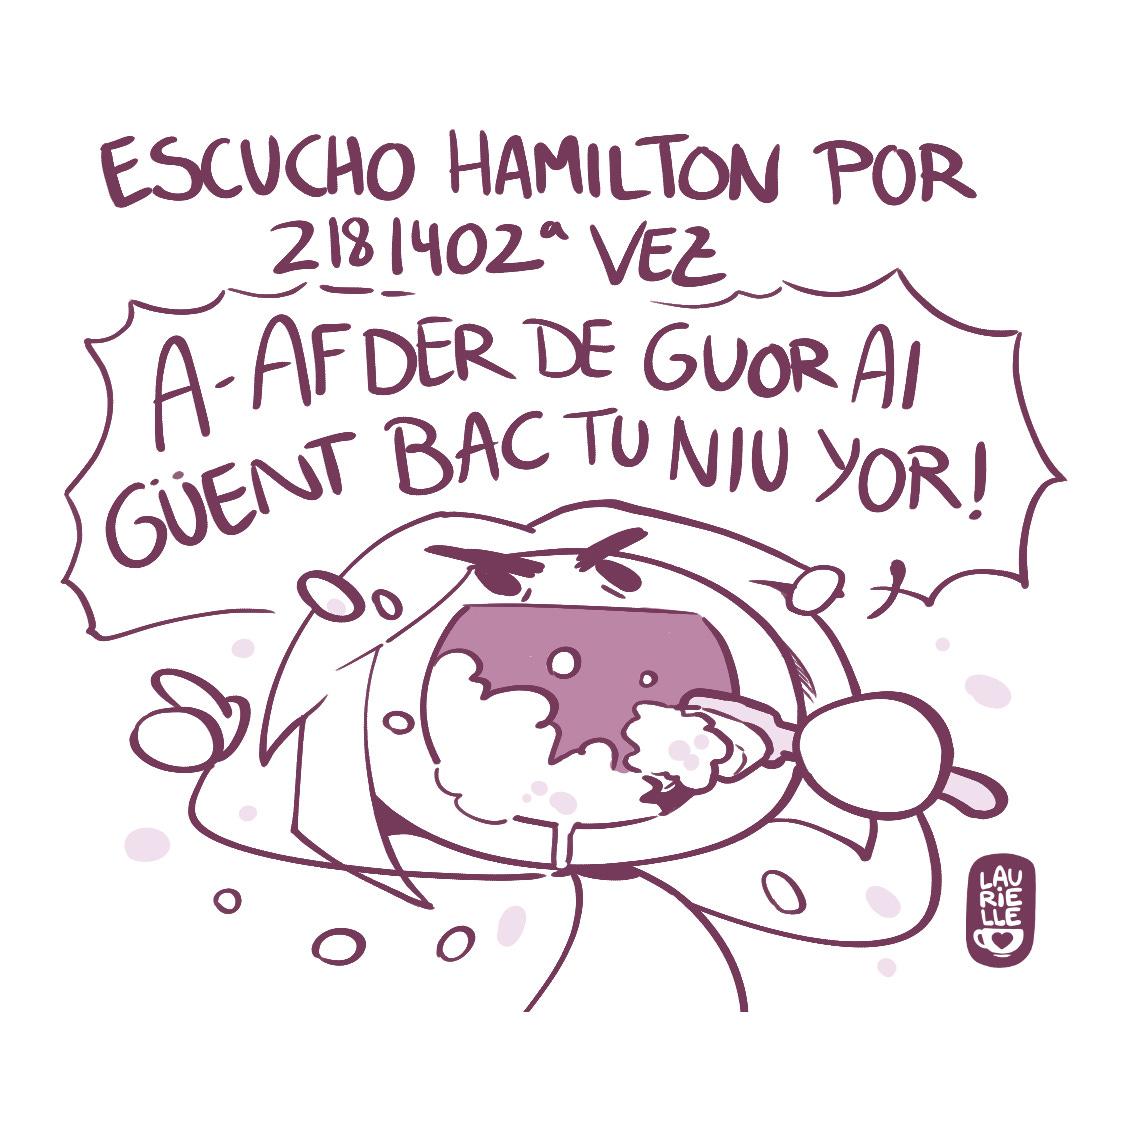 Cuando oigo Hamilton mi cerebro pierde la capacidad de hacer cualquier cosa que no sean los coros.